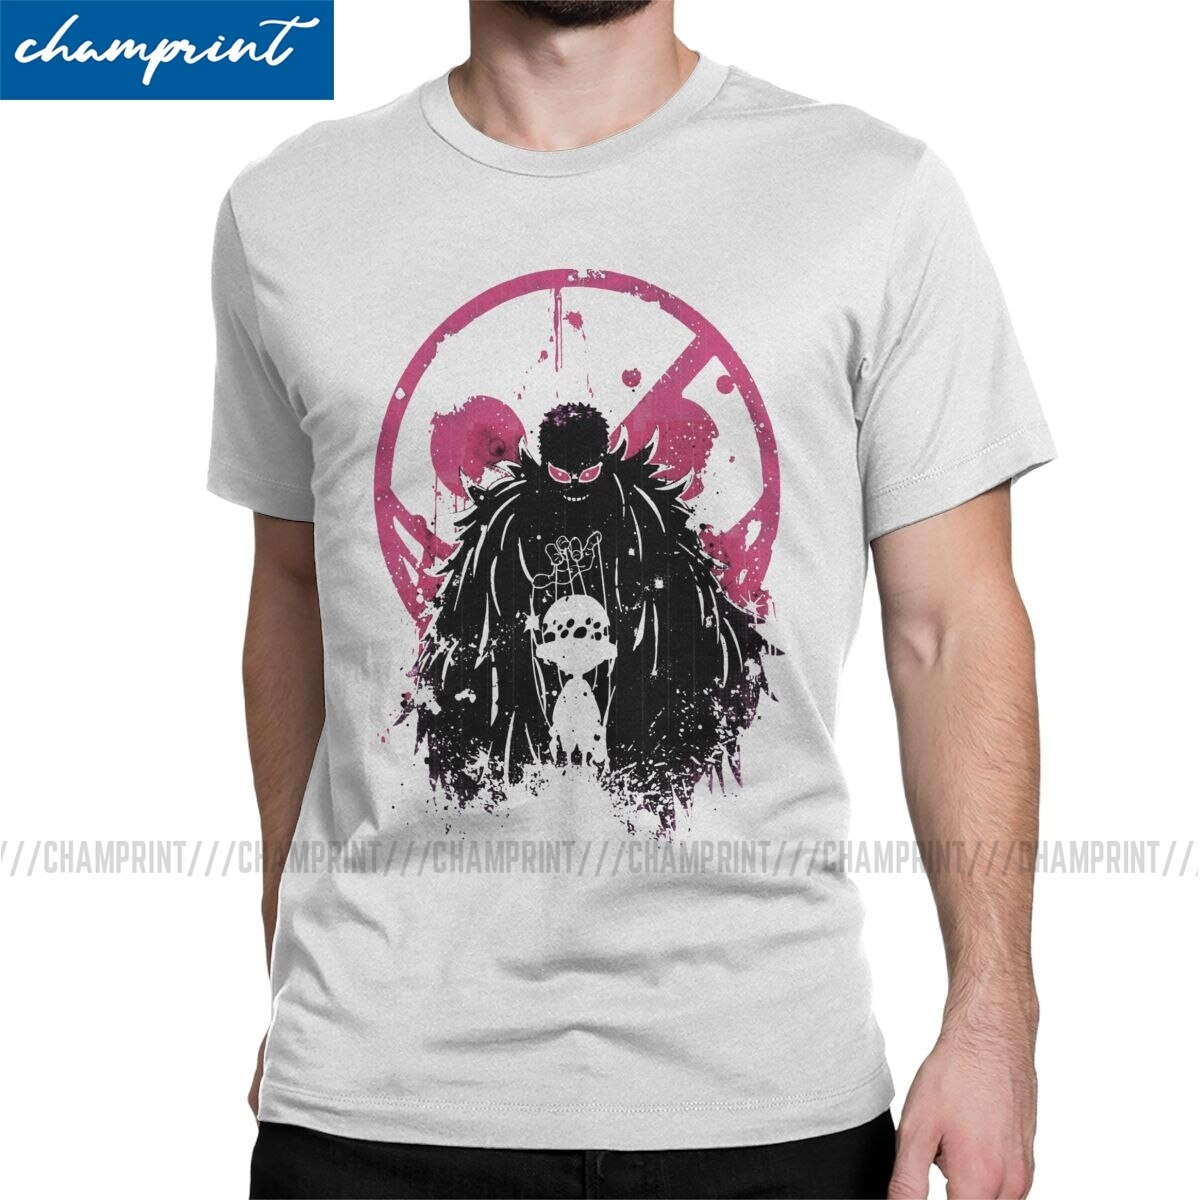 Doflamingo arte Camiseta Hombre Trafalgar ley una pieza Anime Humor de algodón camiseta cuello redondo manga corta T camisa regalo ropa